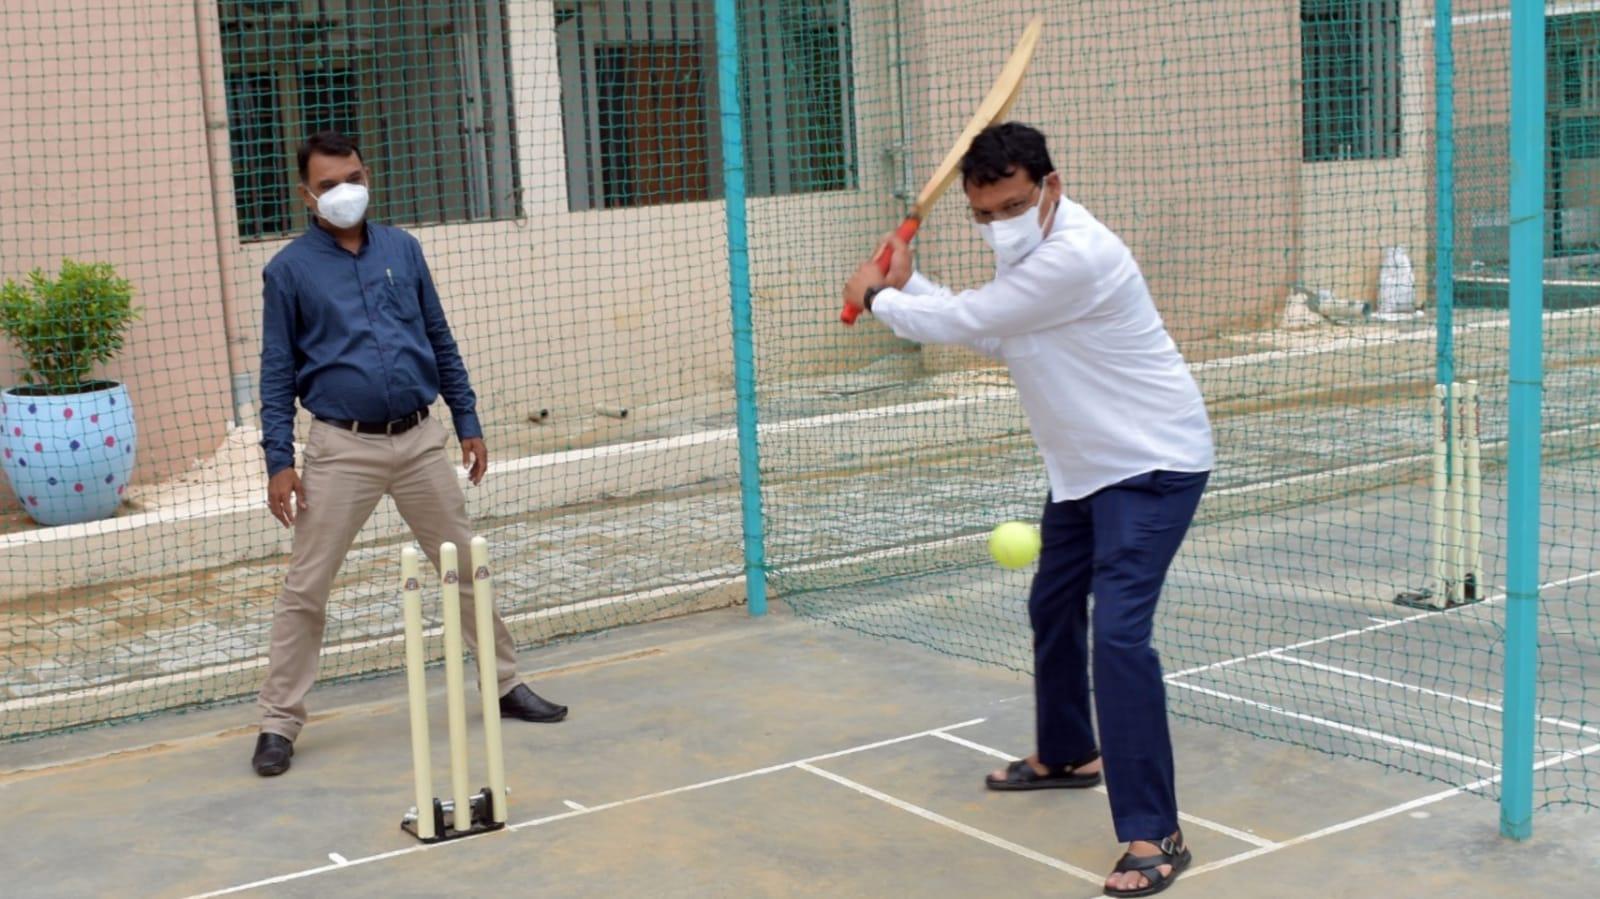 Gujarat State Minister Ishwar Patel